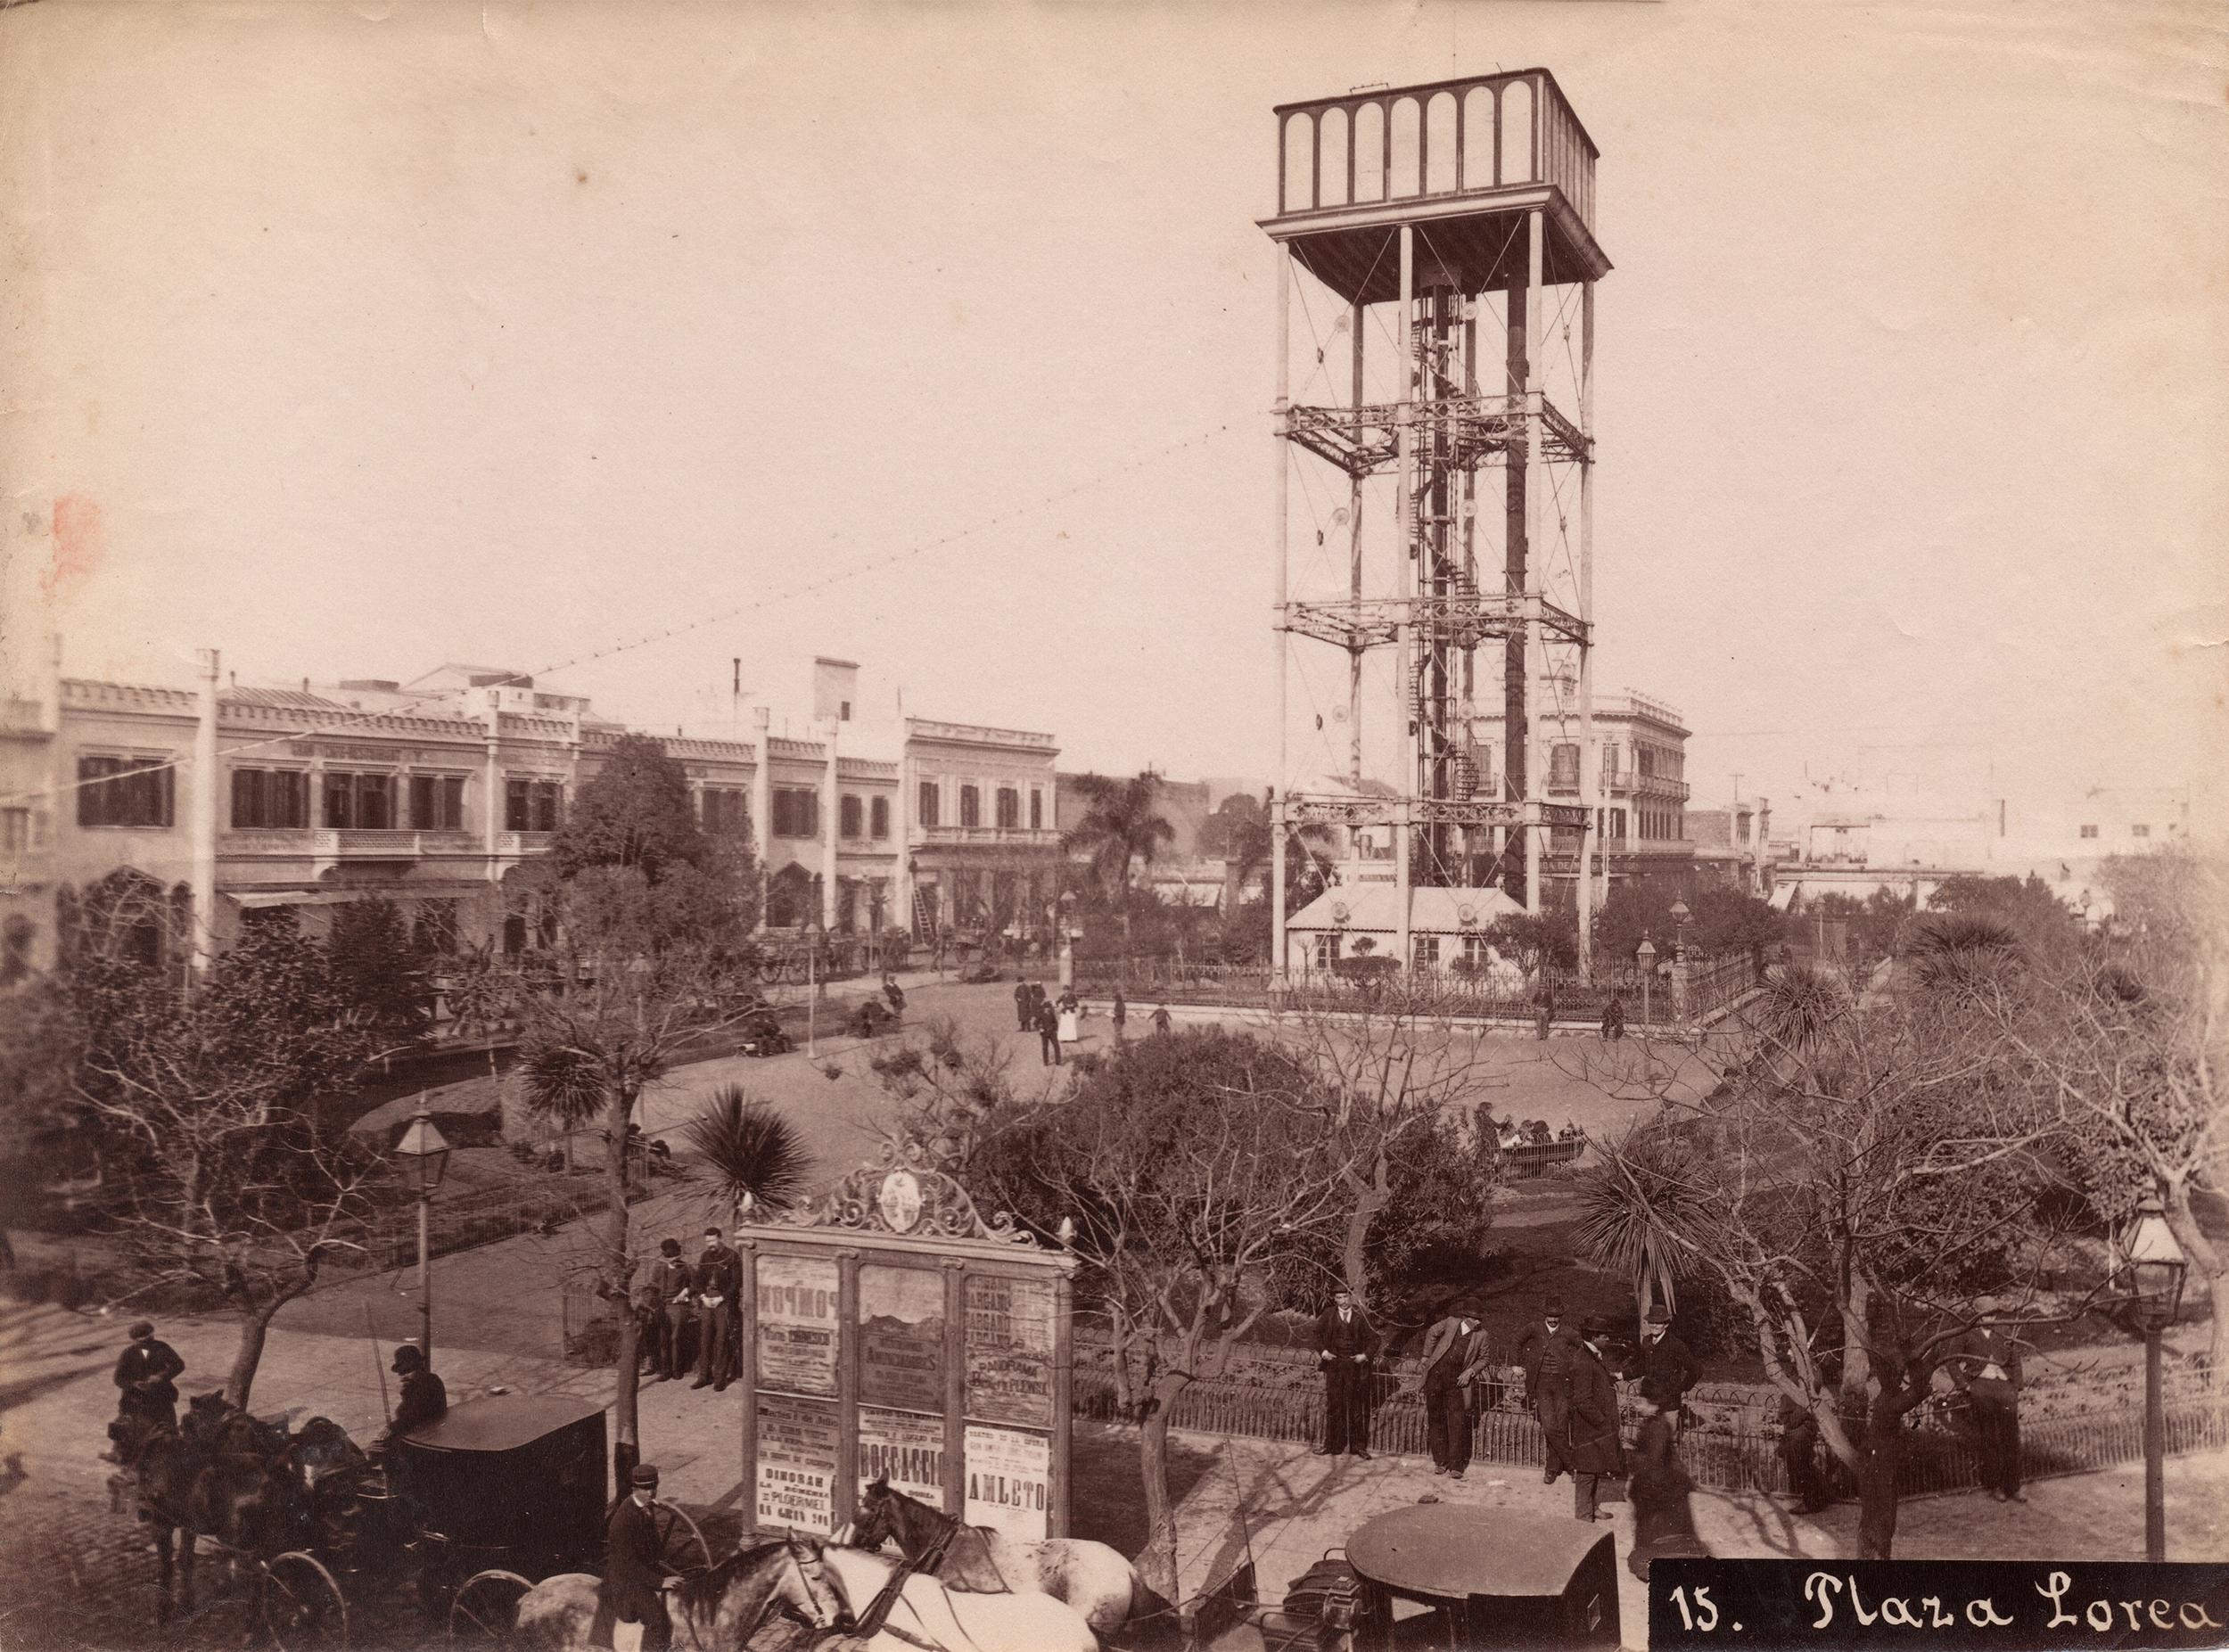 Samuel Rimathé - Plaza Loria (Gentileza Hilario Artes Letras & Oficios)